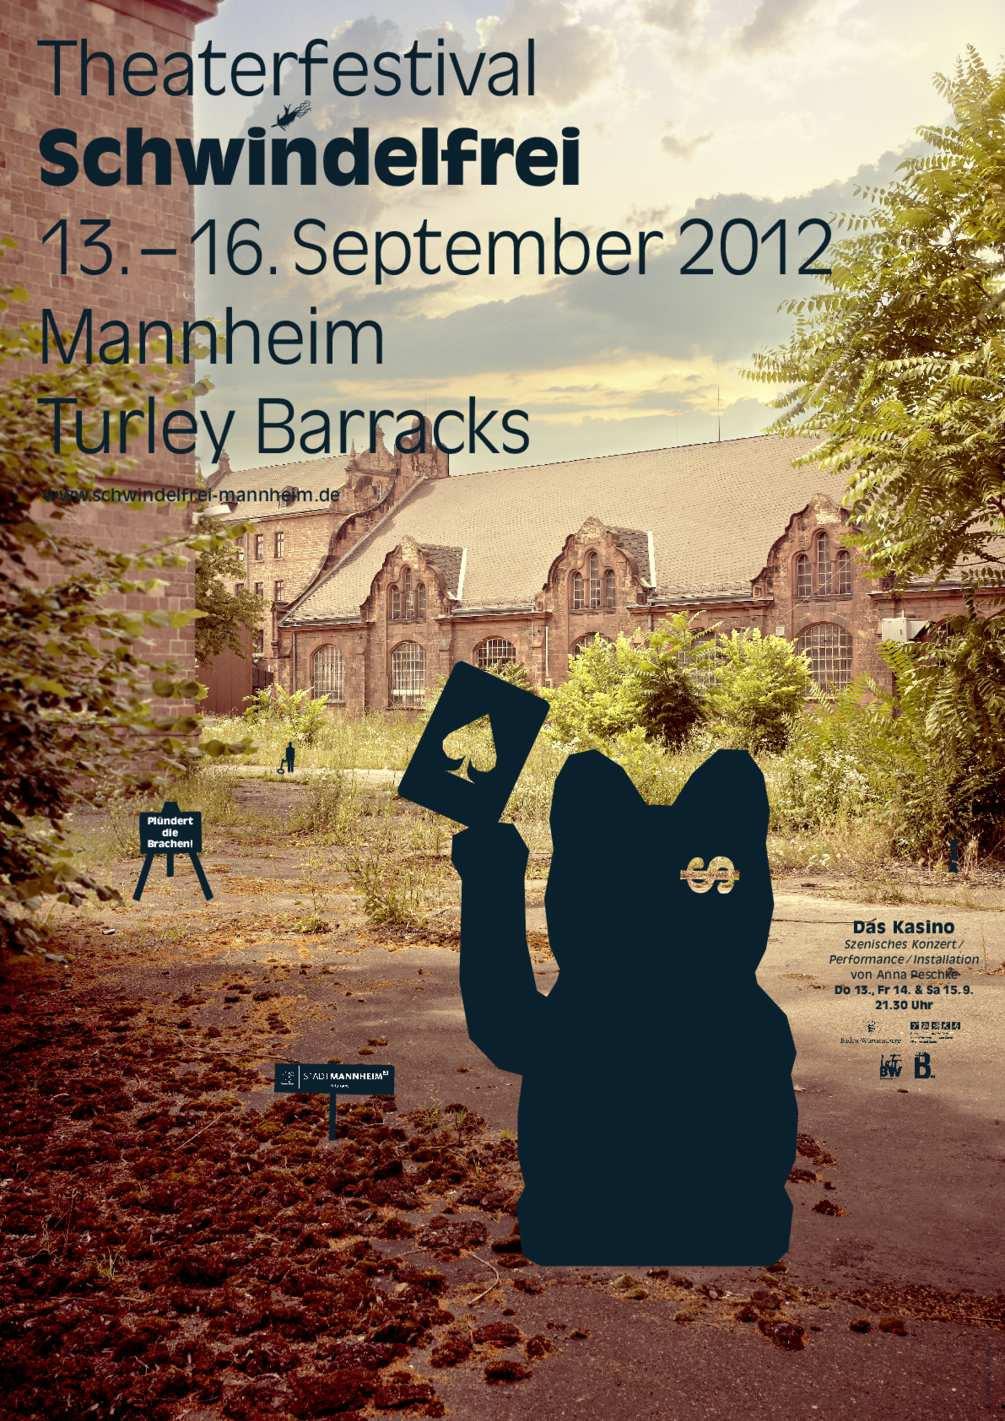 theater-festival-schwindelfrei-poster-01-1005x1421px